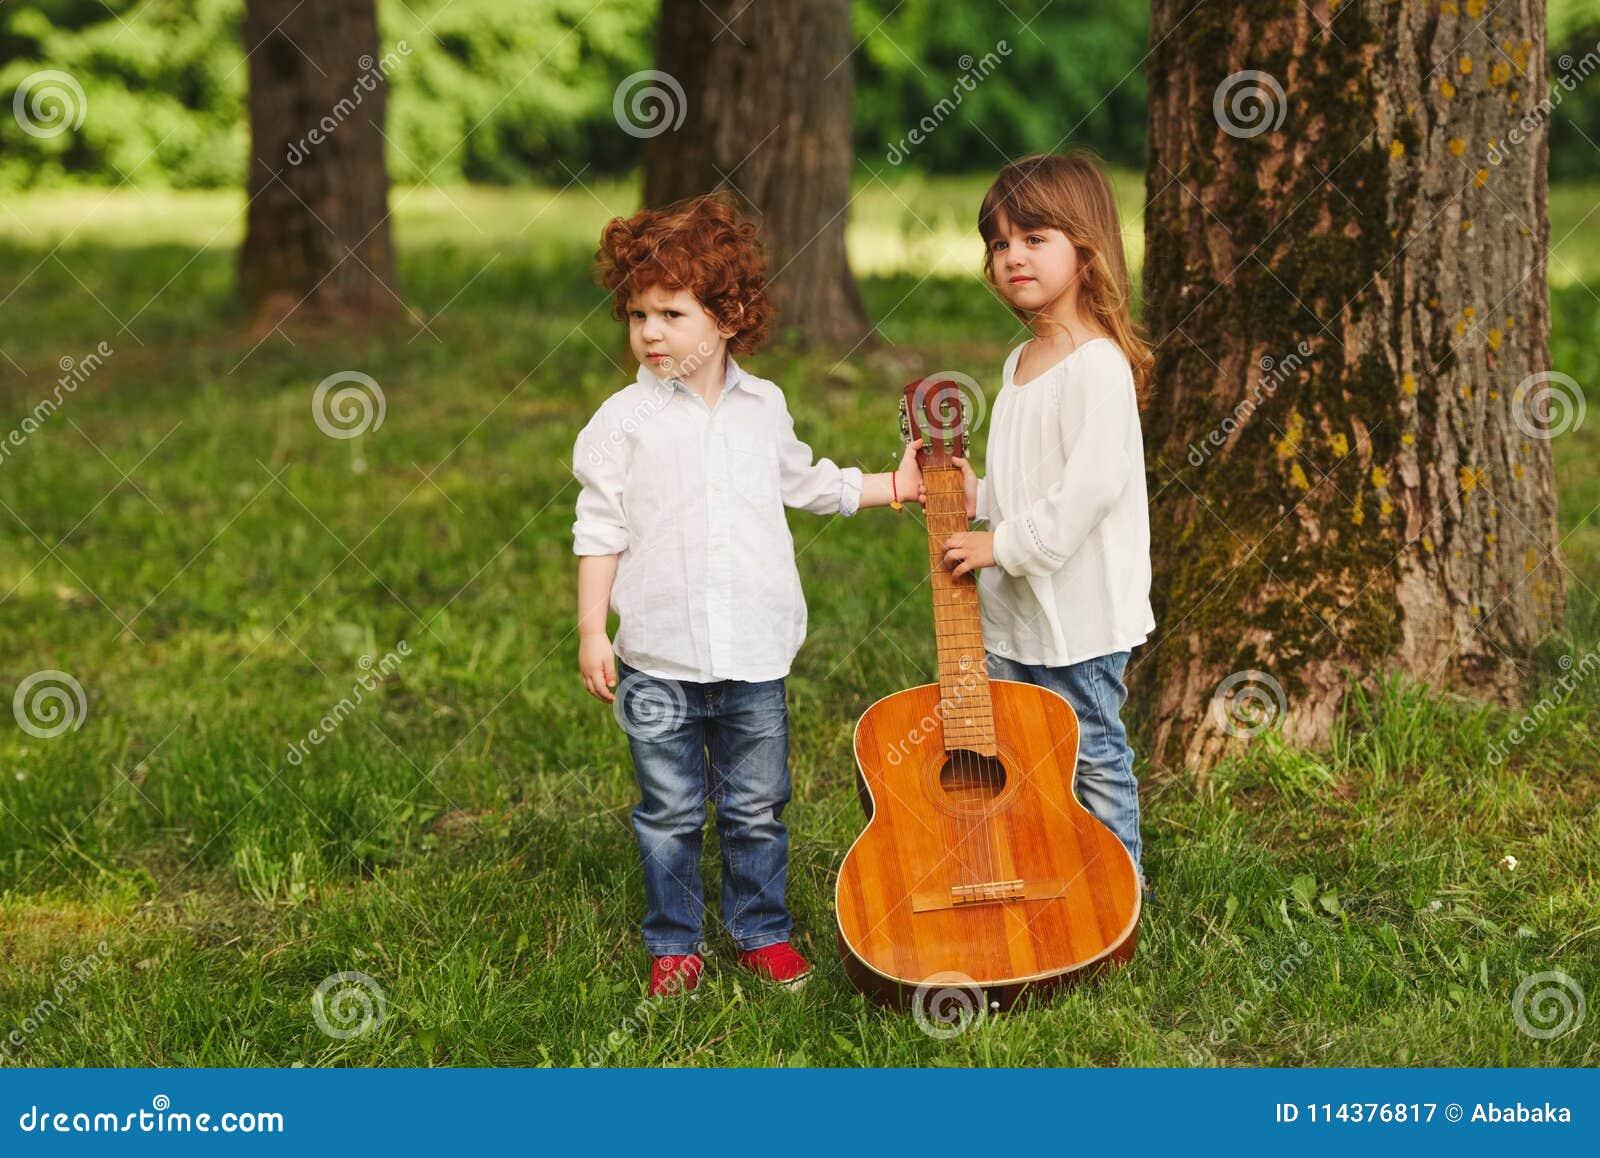 弹吉他的男孩和女孩在夏天公园